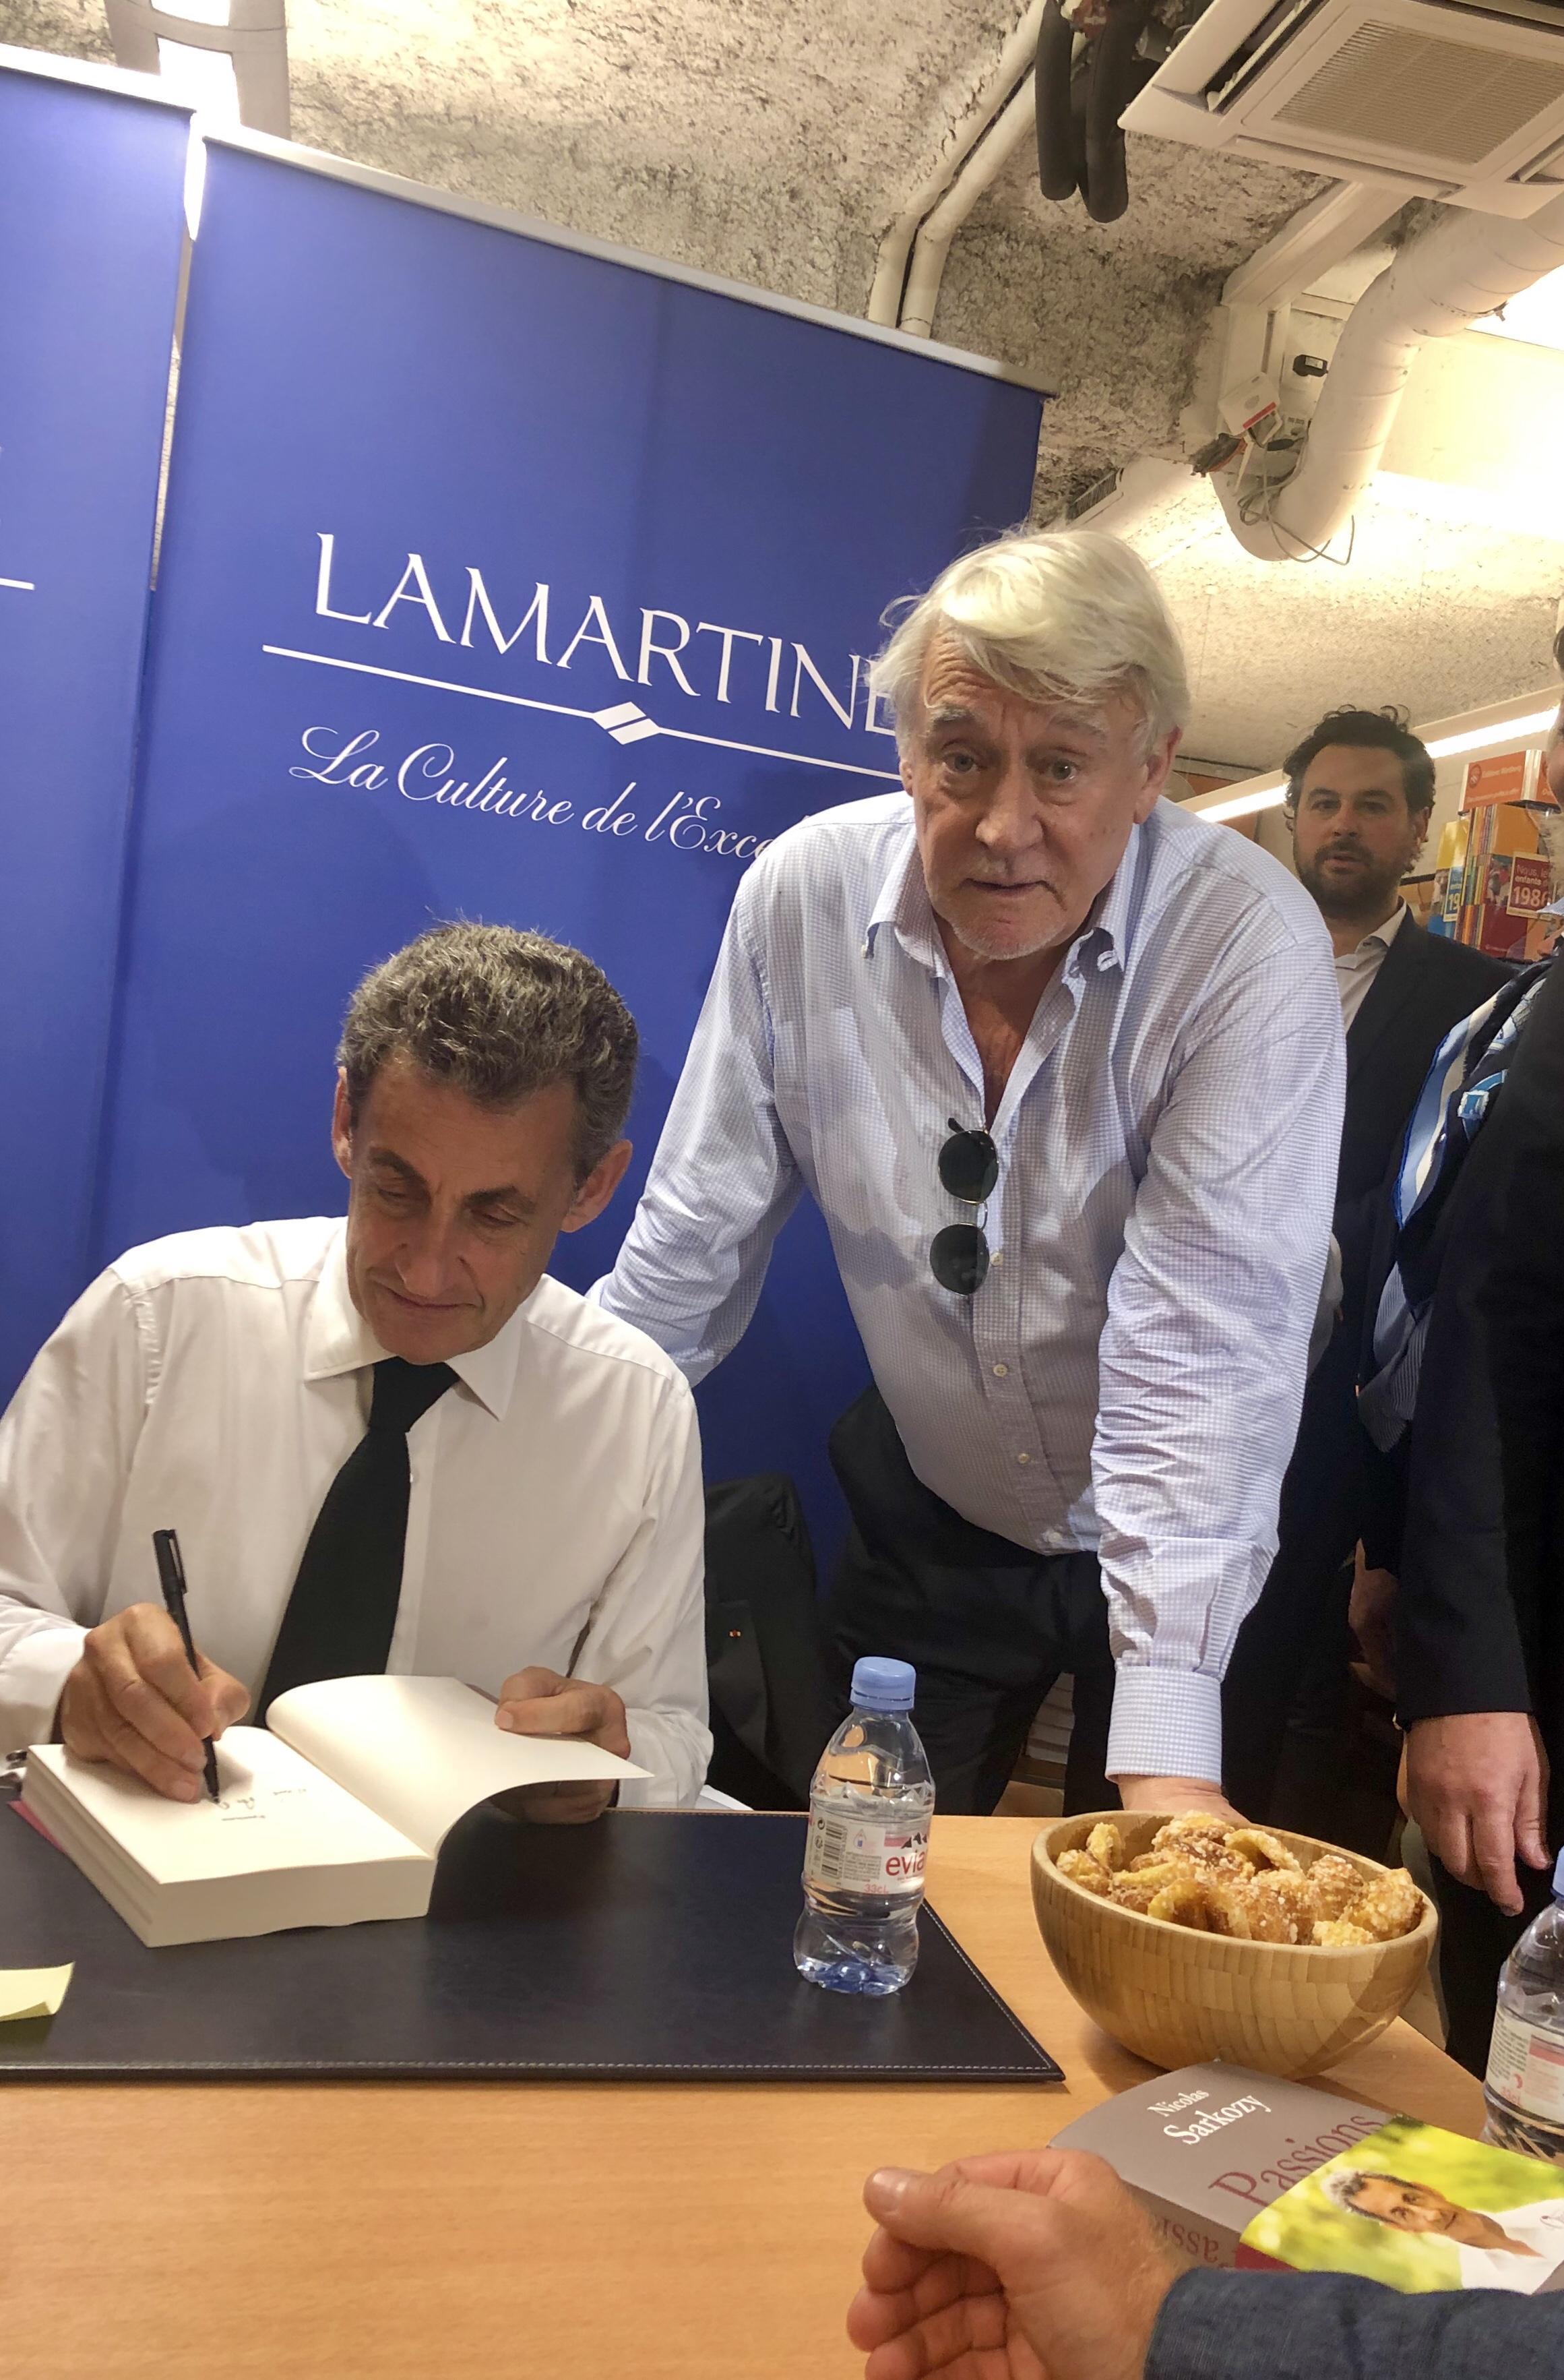 A La Dedicace De Mon Ami Nicolas Sarkozy Pour Son Livre Passions A La Librairie Lamartine Claude Goasguen